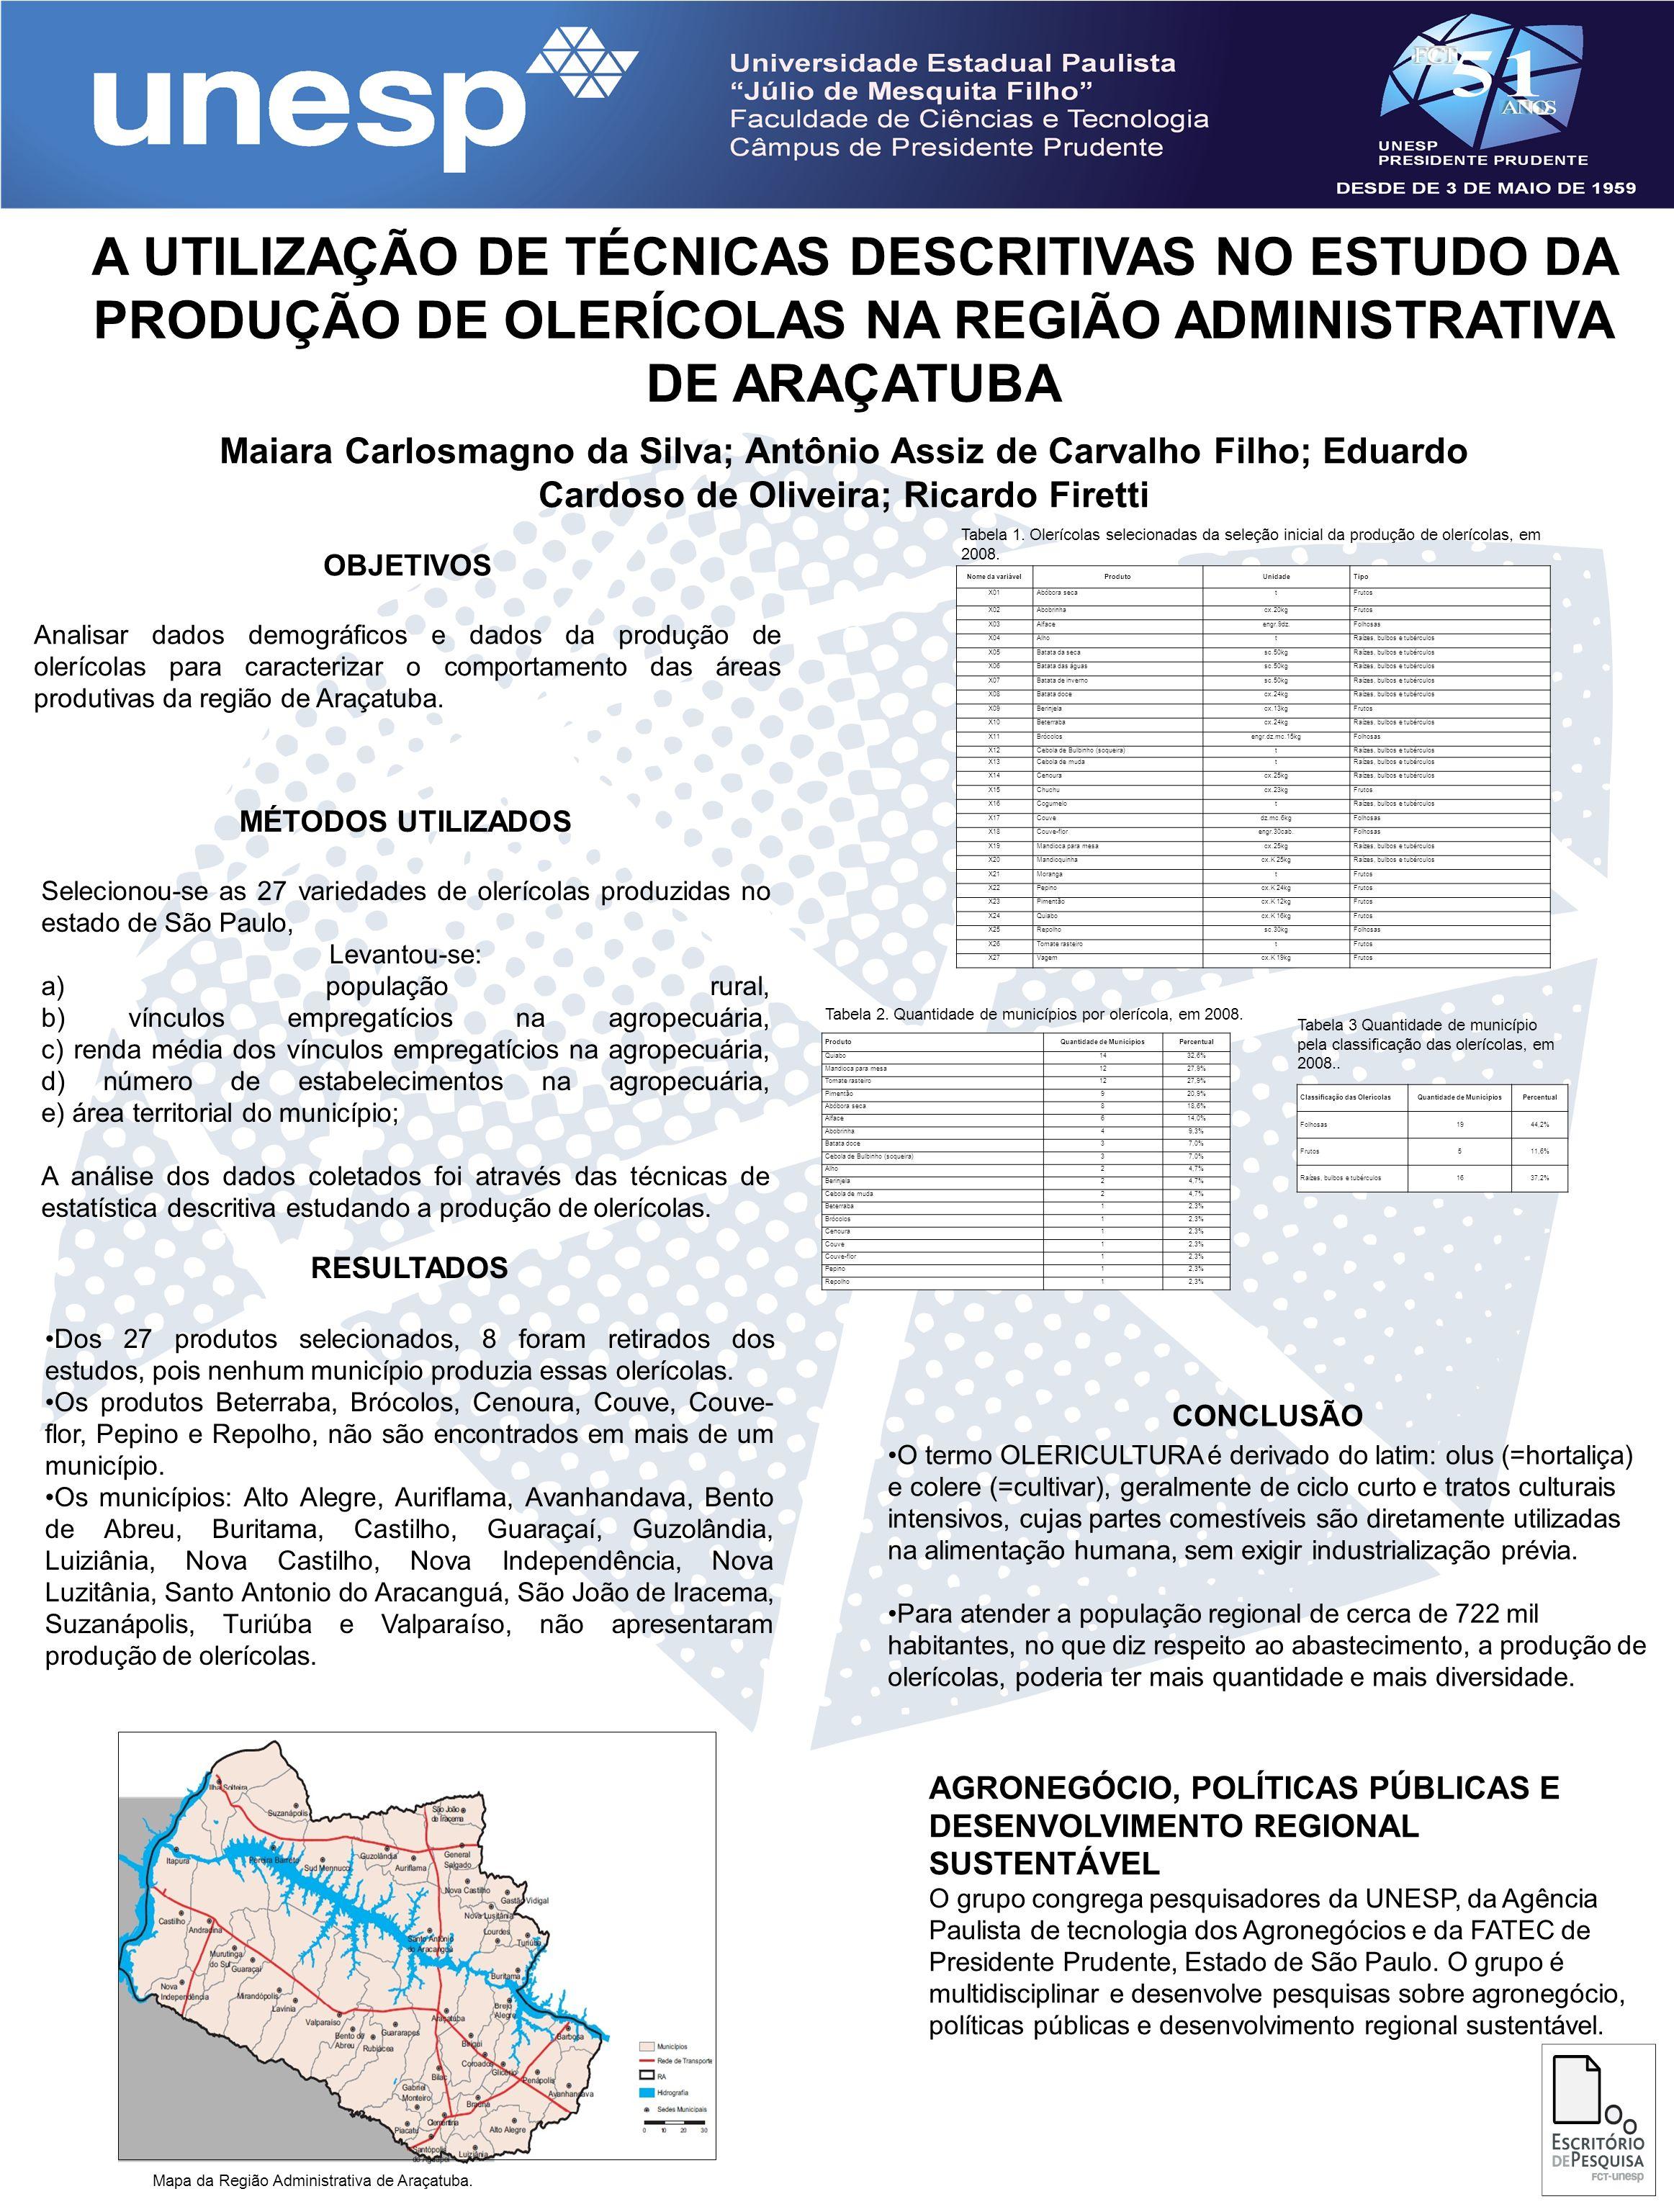 A UTILIZAÇÃO DE TÉCNICAS DESCRITIVAS NO ESTUDO DA PRODUÇÃO DE OLERÍCOLAS NA REGIÃO ADMINISTRATIVA DE ARAÇATUBA Maiara Carlosmagno da Silva; Antônio Assiz de Carvalho Filho; Eduardo Cardoso de Oliveira; Ricardo Firetti OBJETIVOS Analisar dados demográficos e dados da produção de olerícolas para caracterizar o comportamento das áreas produtivas da região de Araçatuba.